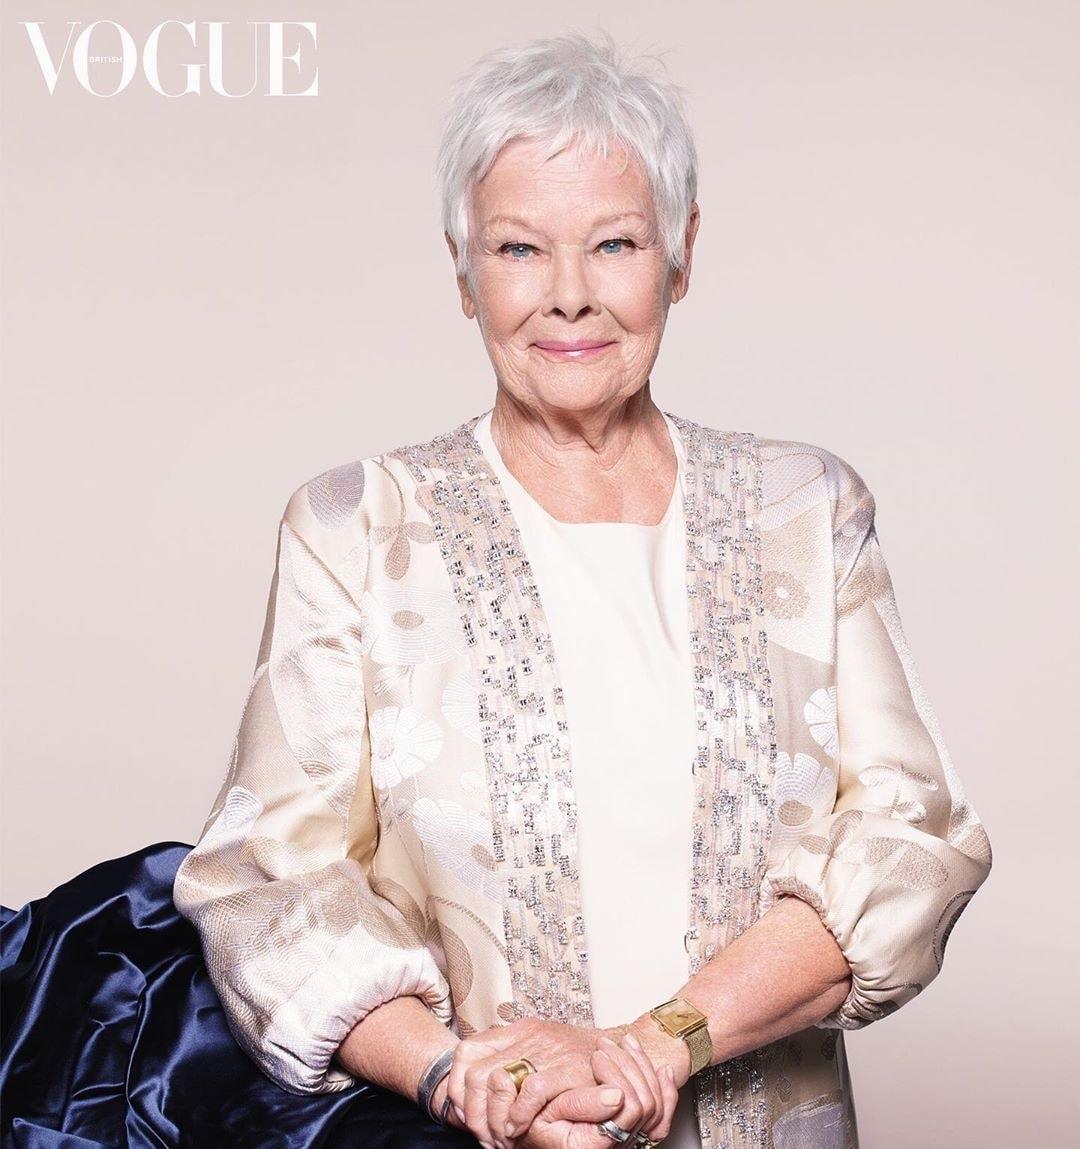 Η 85χρονη Τζούντι Ντεντς είναι το εξώφυλλο της Βρετανικής Vogue. Πόσο πρωτοποριακό!